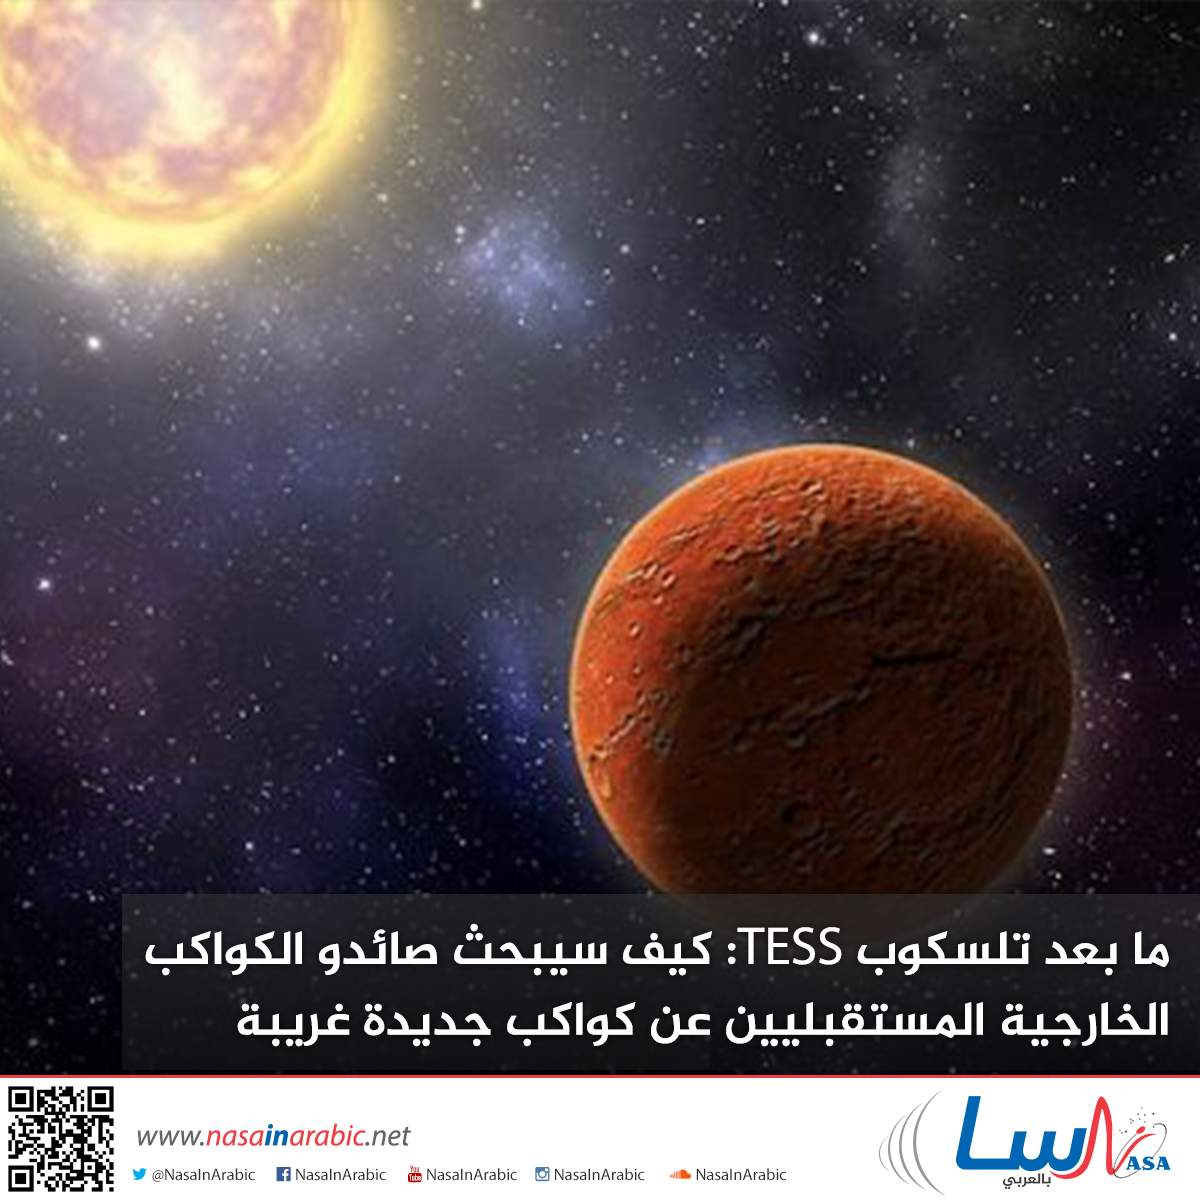 ما بعد تلسكوب TESS: كيف سيبحث صائدو الكواكب الخارجية المستقبليين عن كواكب جديدة غريبة